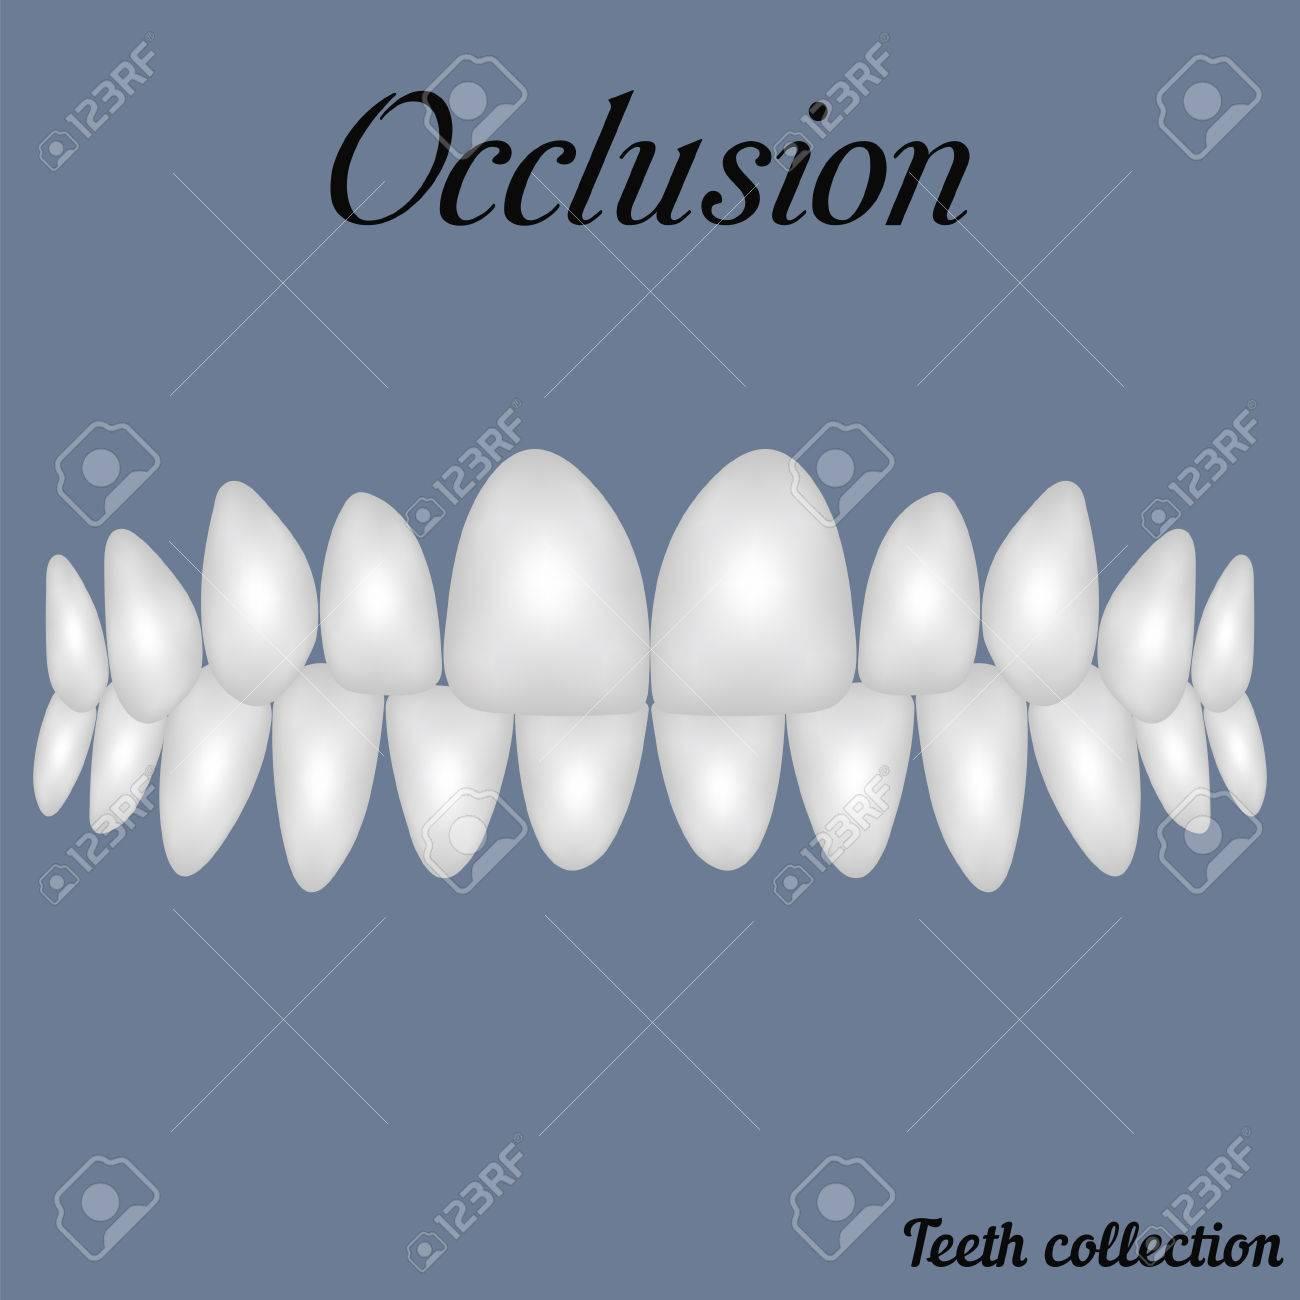 Okklusion Zusammengebissenen Zähnen - Biss, Schließung Der Zähne ...